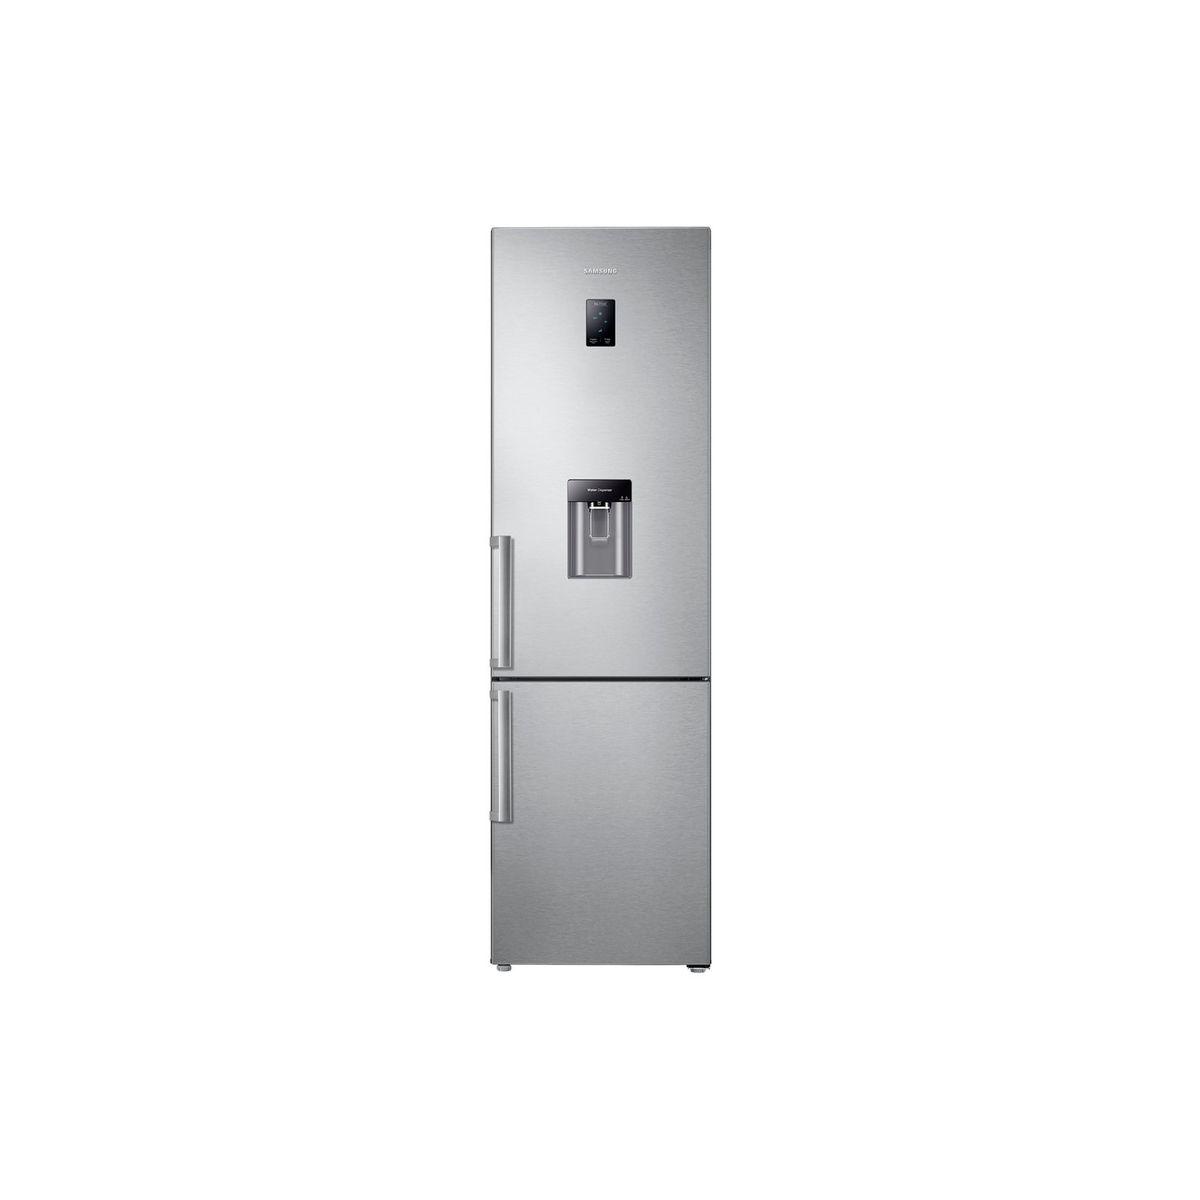 Réfrigérateur combiné RB37J5925SS, 360 L, Froid No Frost